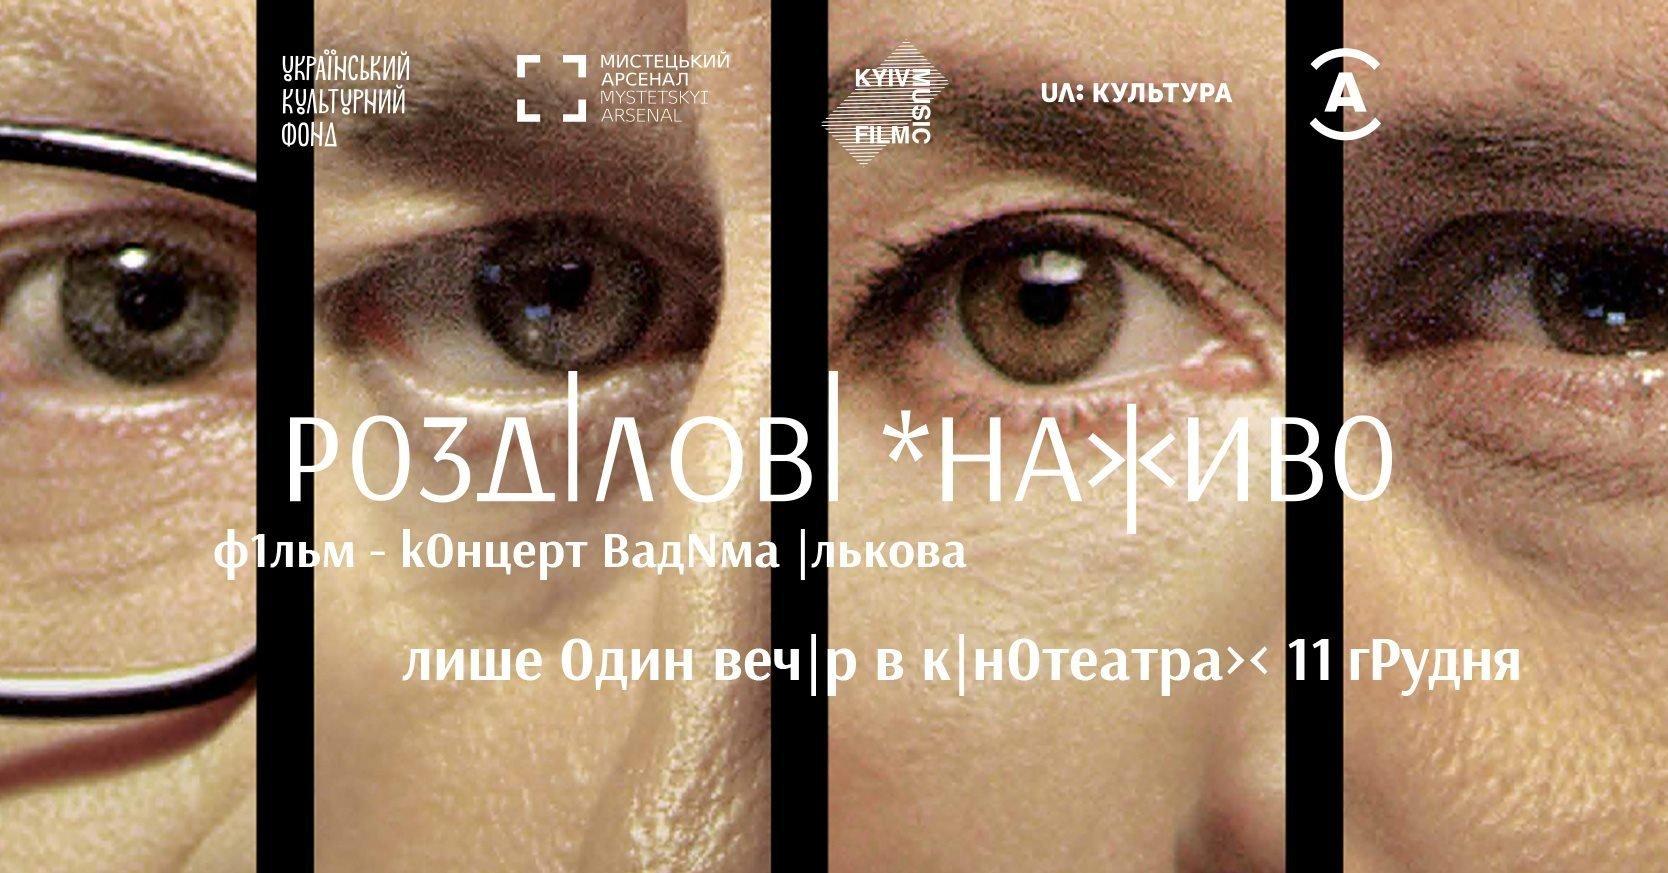 Кино, лекции, дискуссии и воркшоп по стрит-фотографии: программа второго уикенда мобильного павильона House of Europe в Николаеве